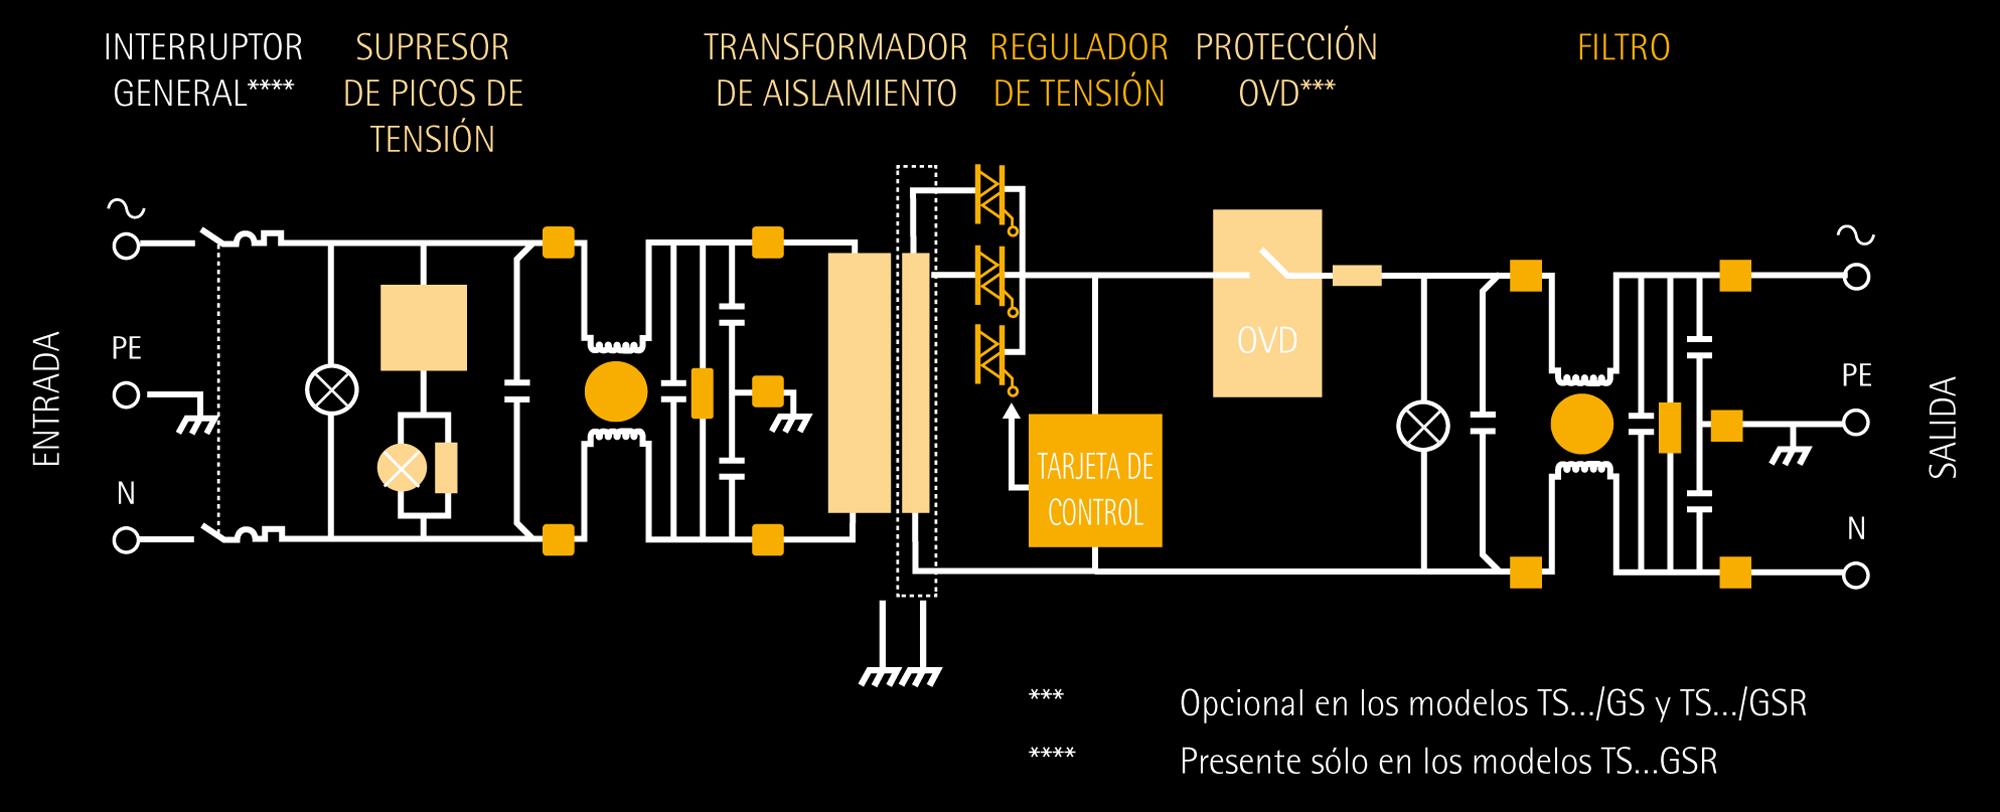 Acondicioanadores electrónicos MINISTATIC TS - IREM